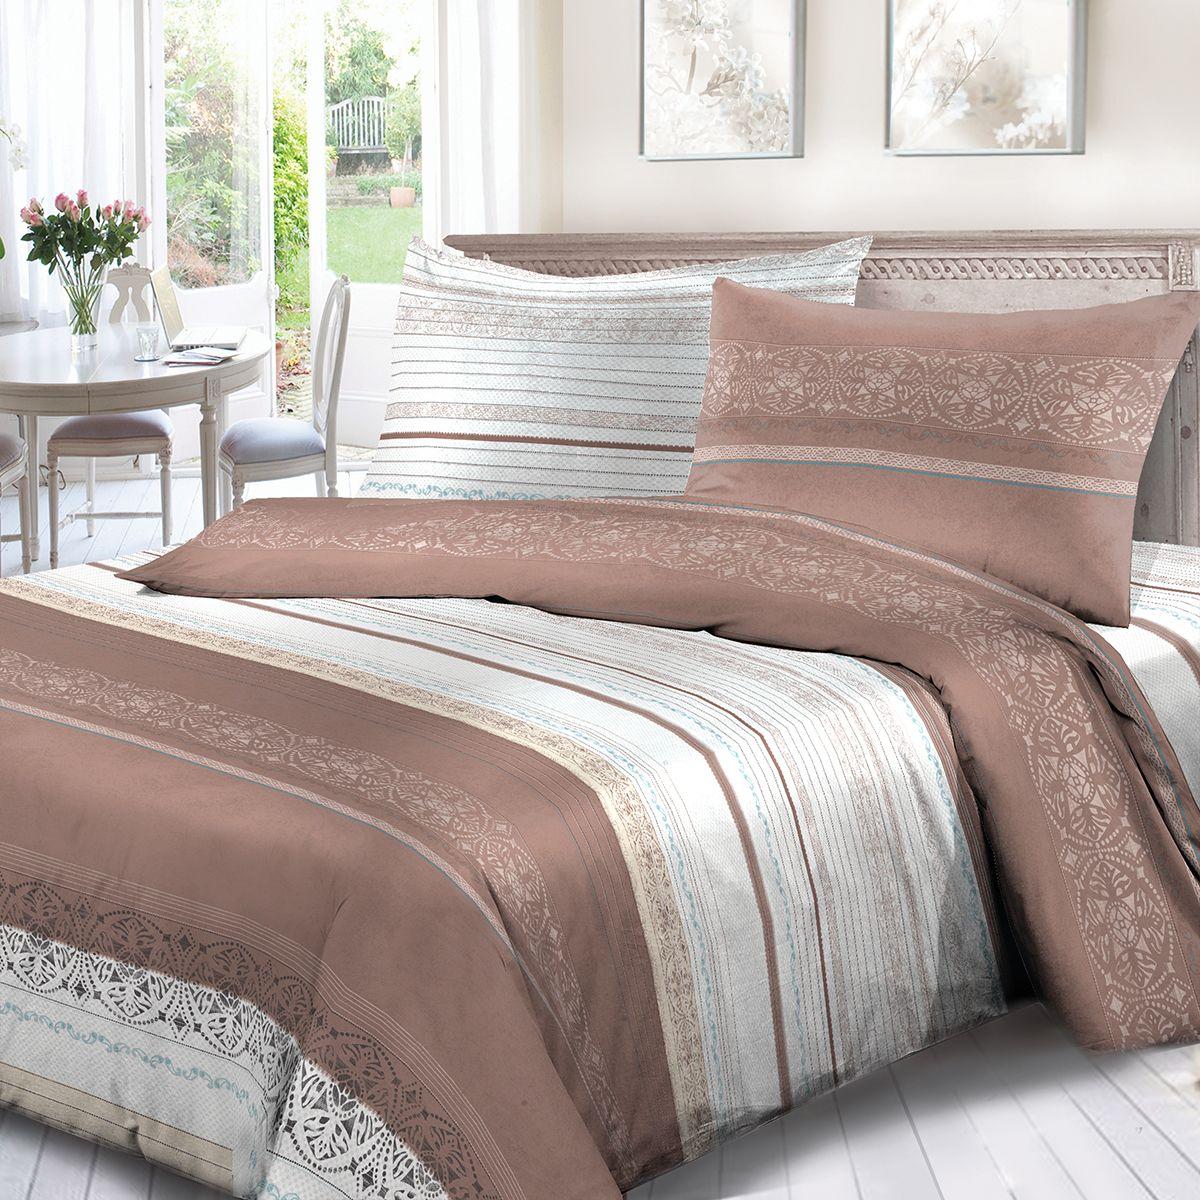 Комплект белья Сорренто Кофе с молоком, 2-х спальное, наволочки 70x70, цвет: коричневый. 1716-189091